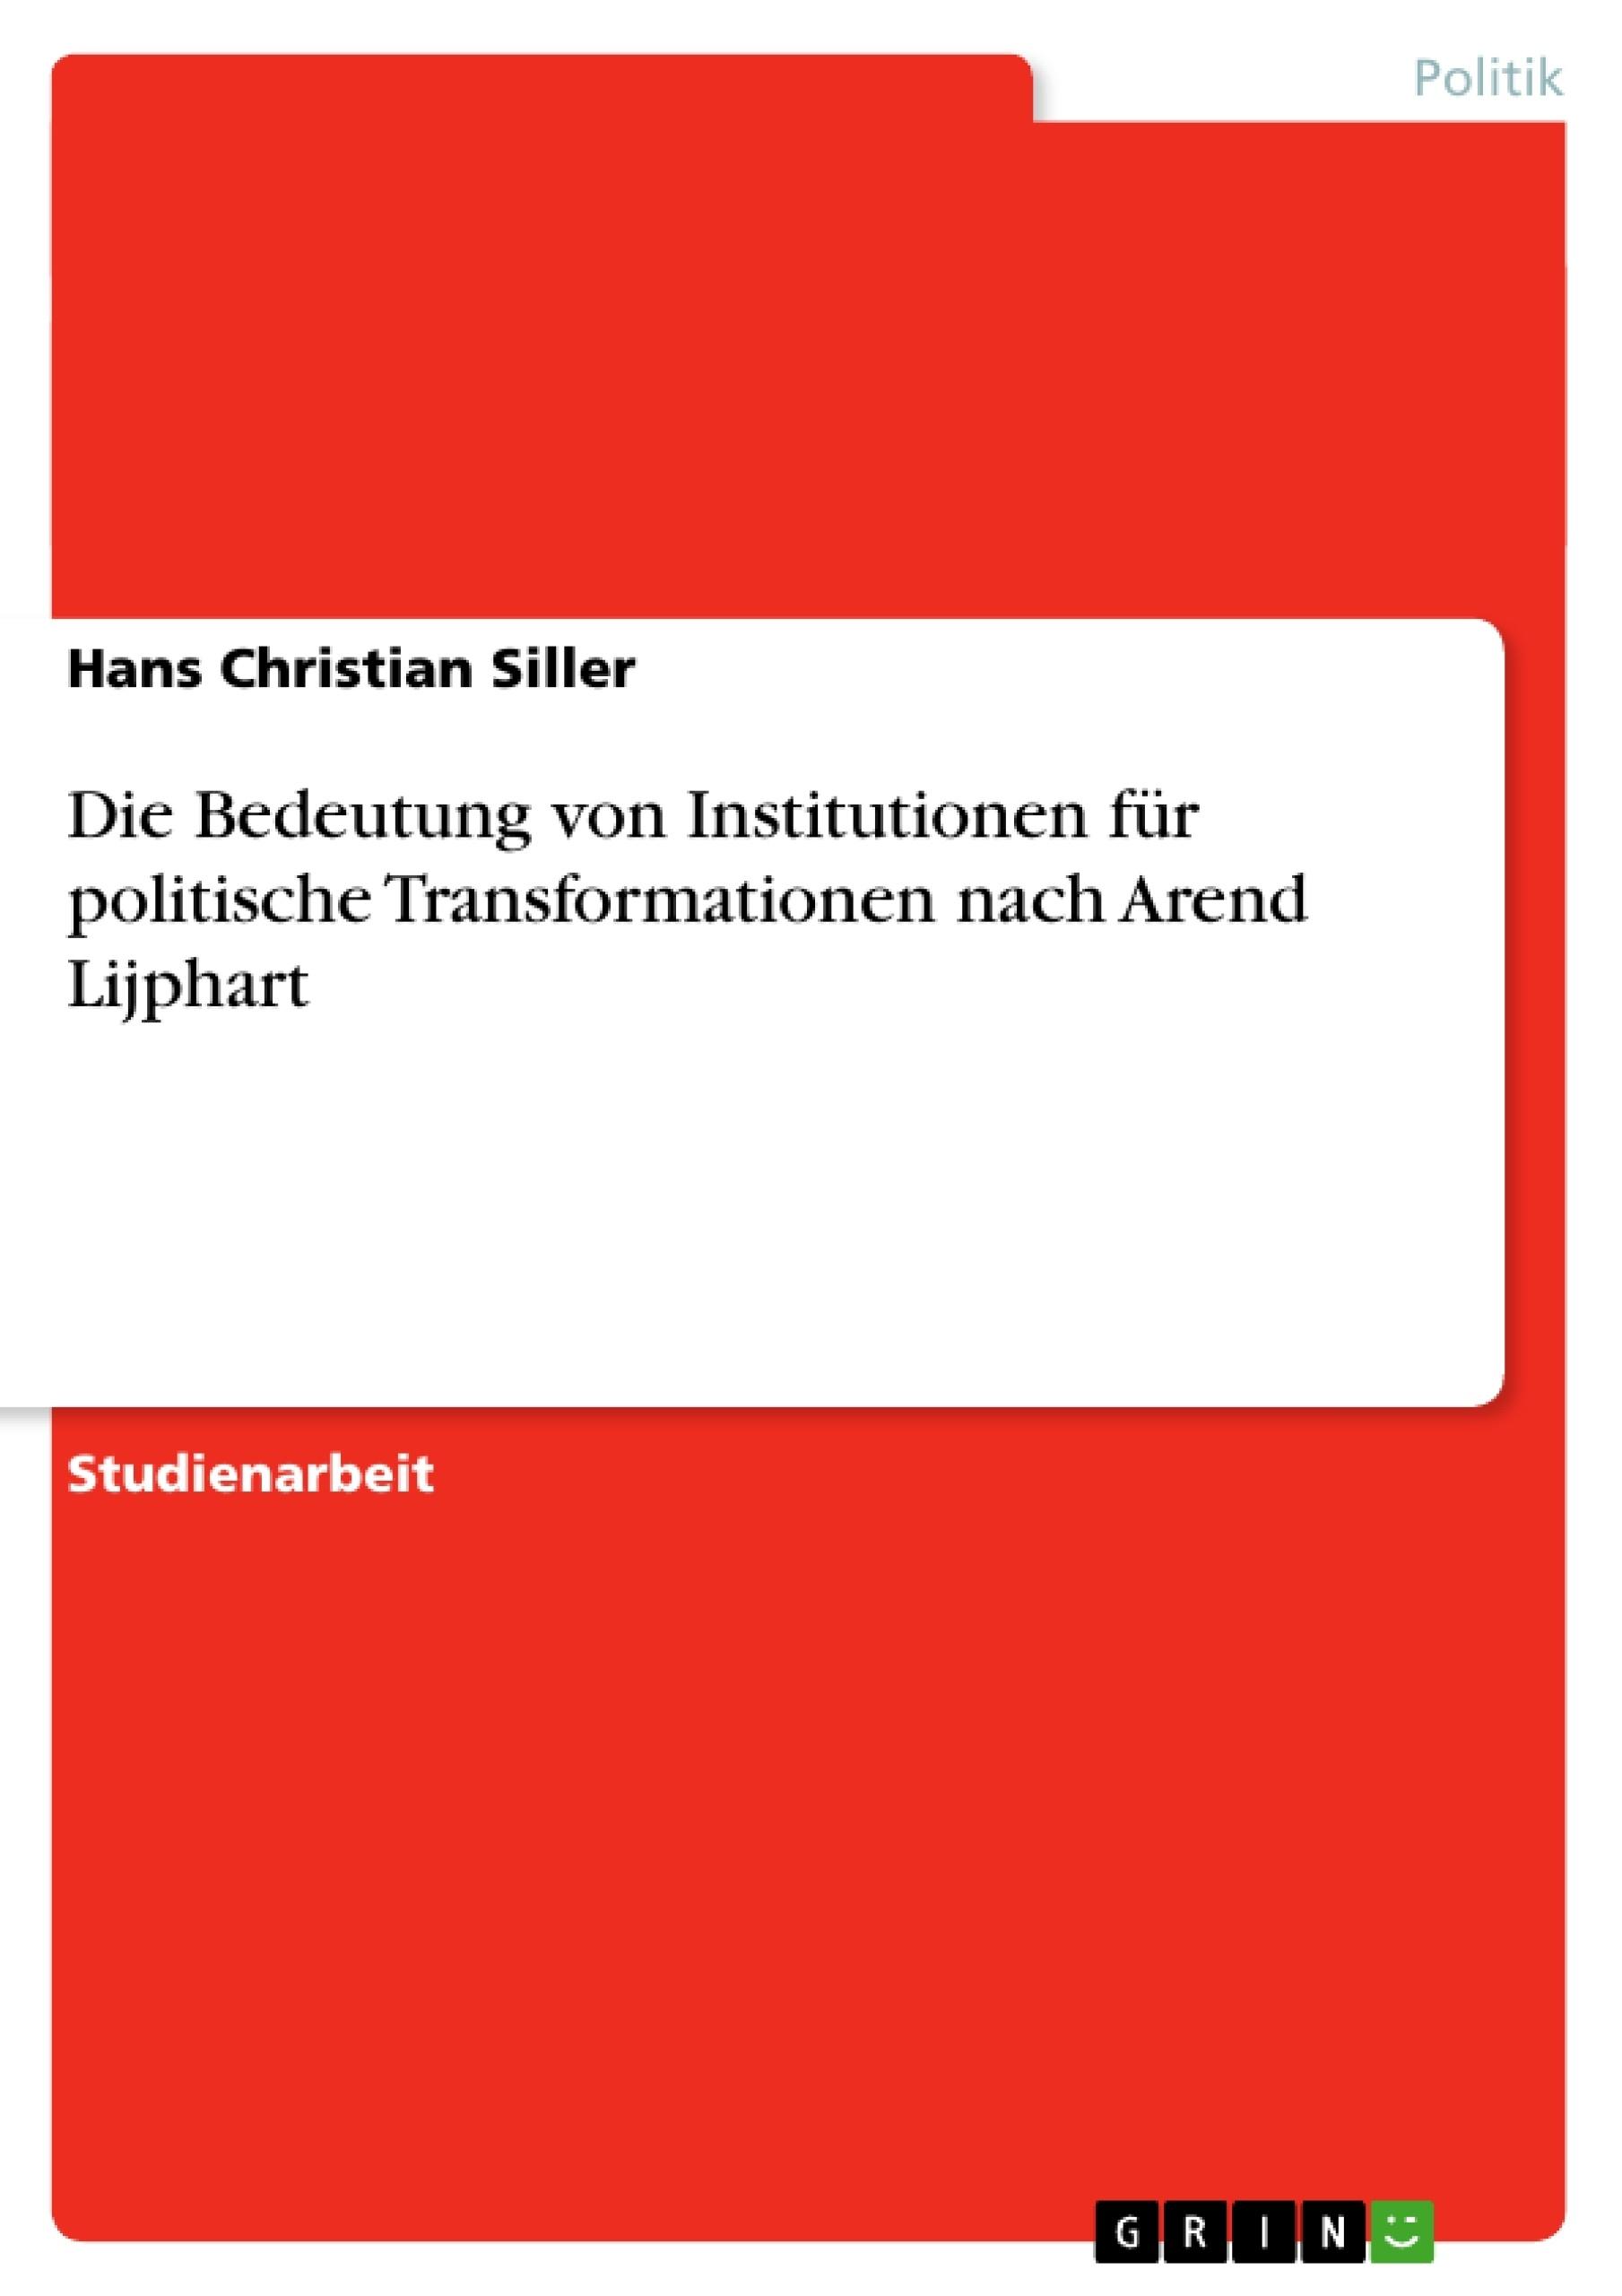 Titel: Die Bedeutung von Institutionen für politische Transformationen nach Arend Lijphart